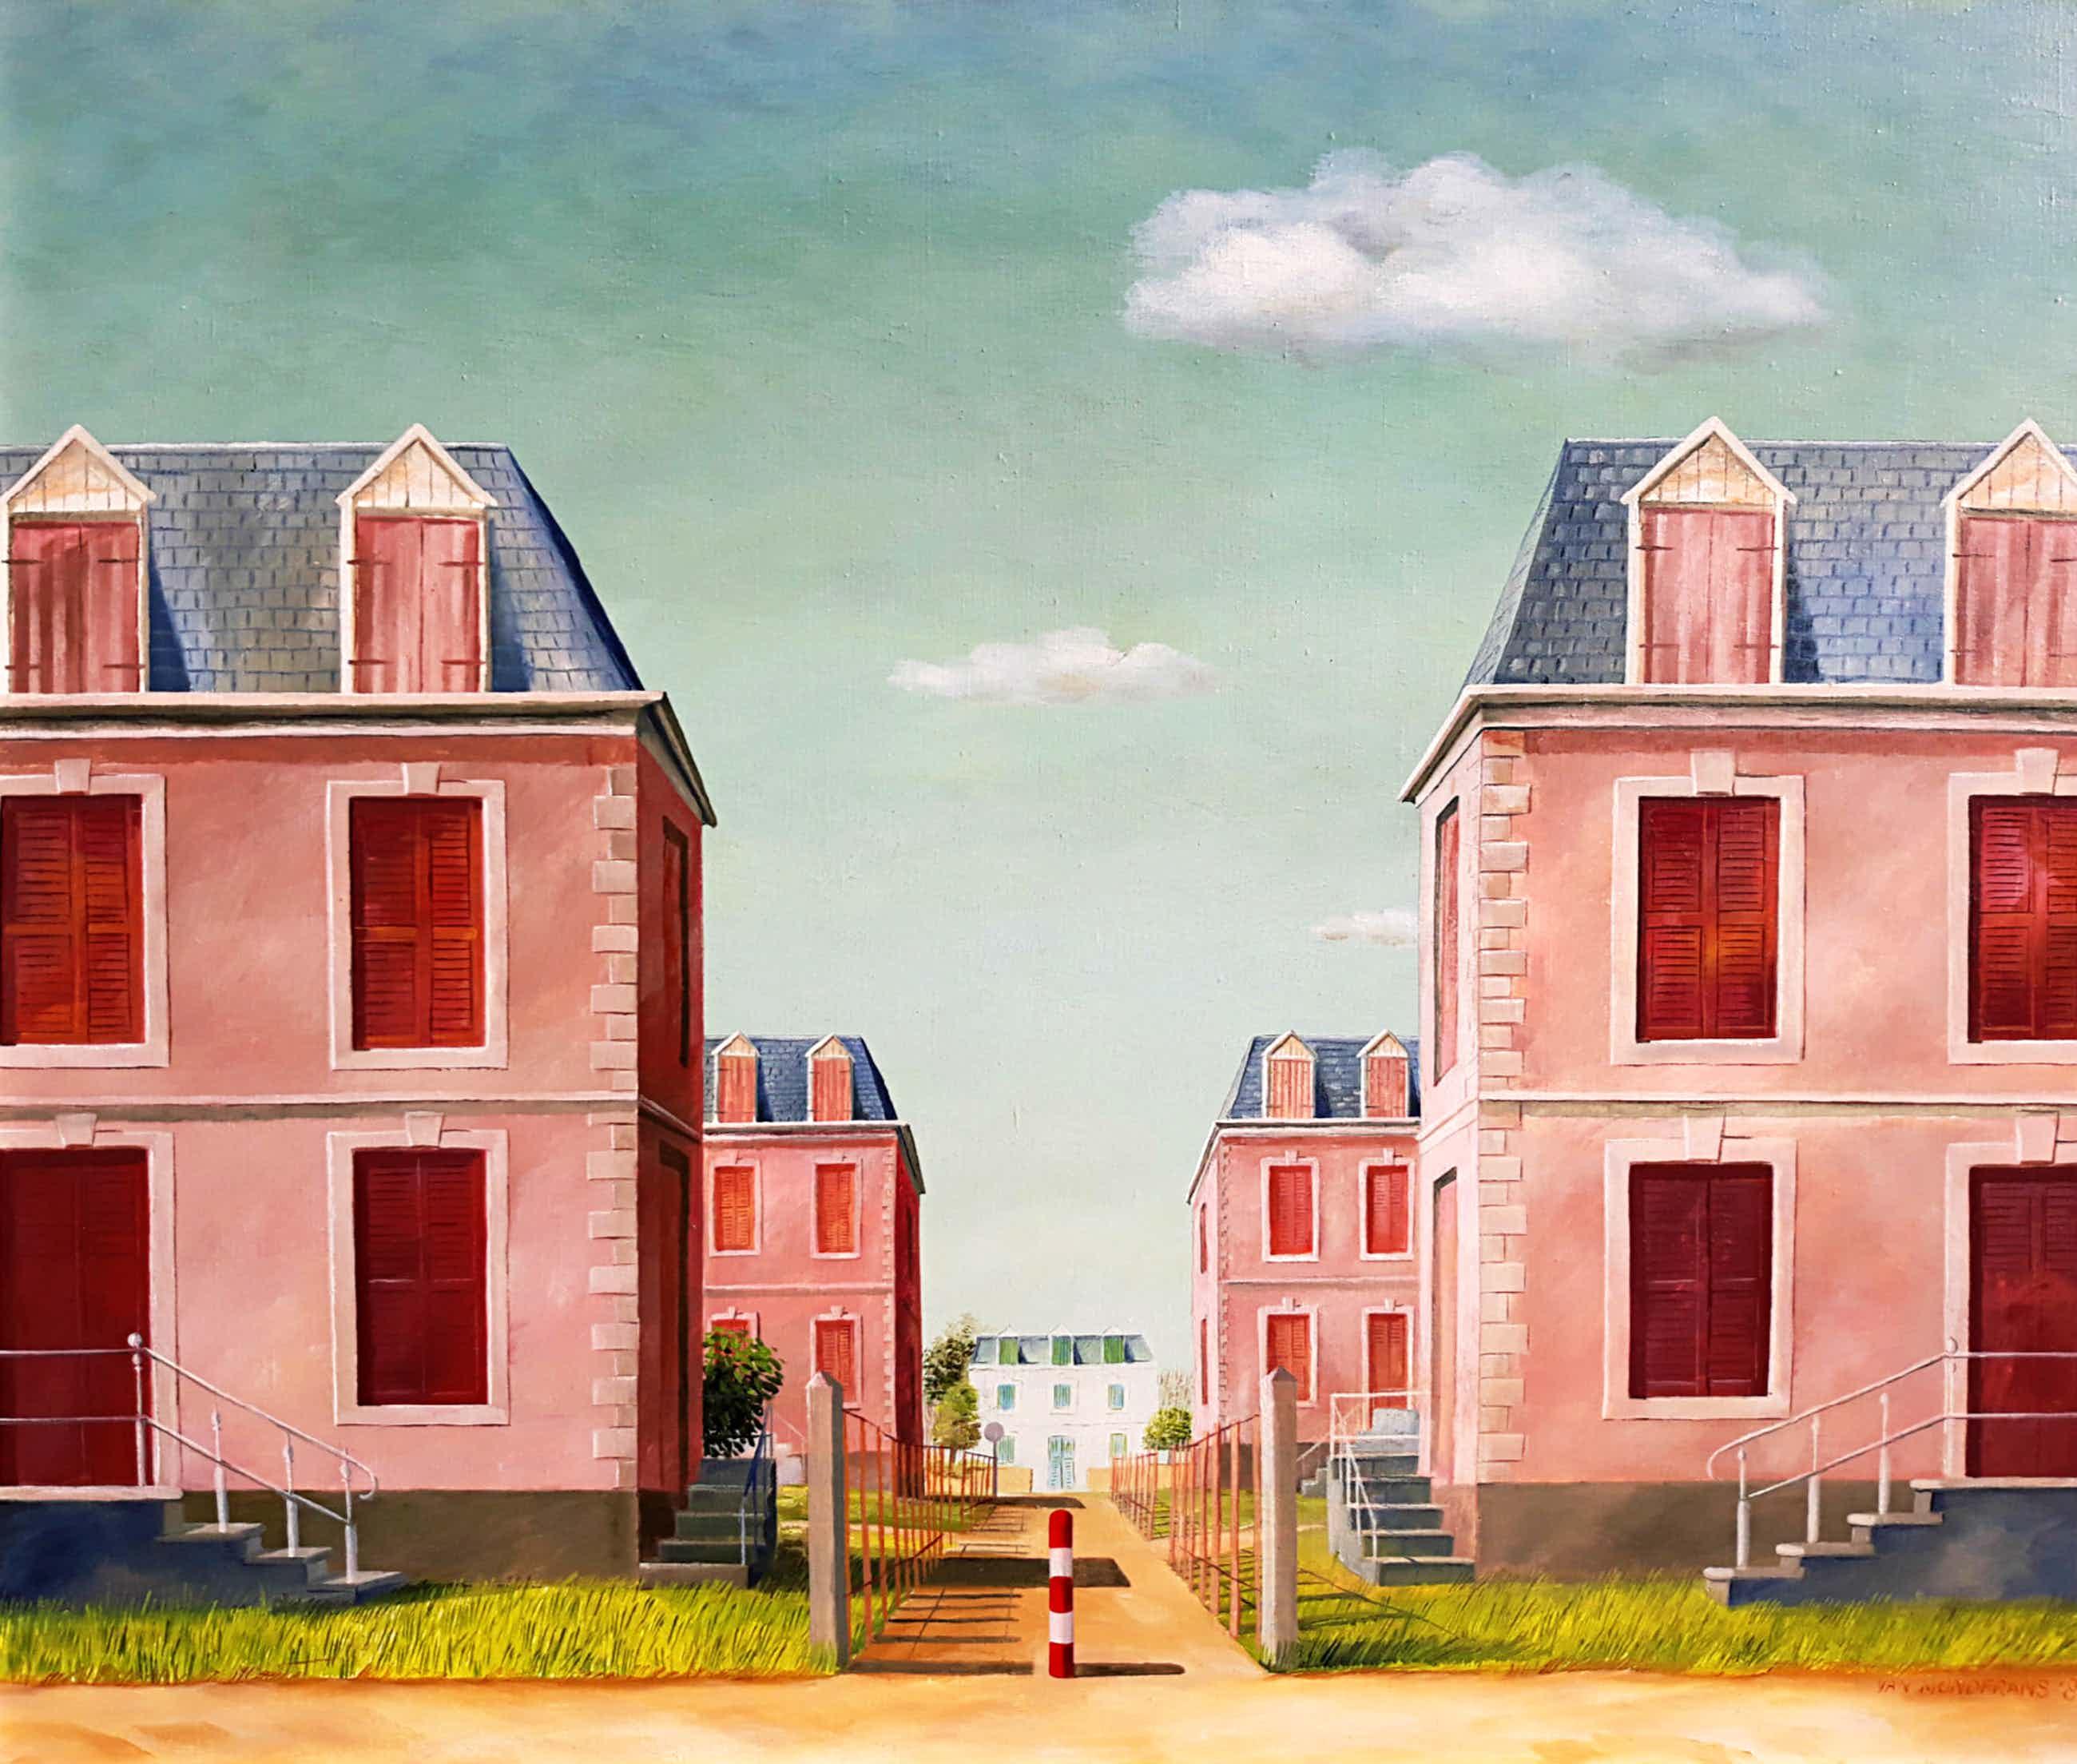 Erna van Mondfrans - Huizen in Frankrijk, olieverf op doek (ingelijst) kopen? Bied vanaf 150!